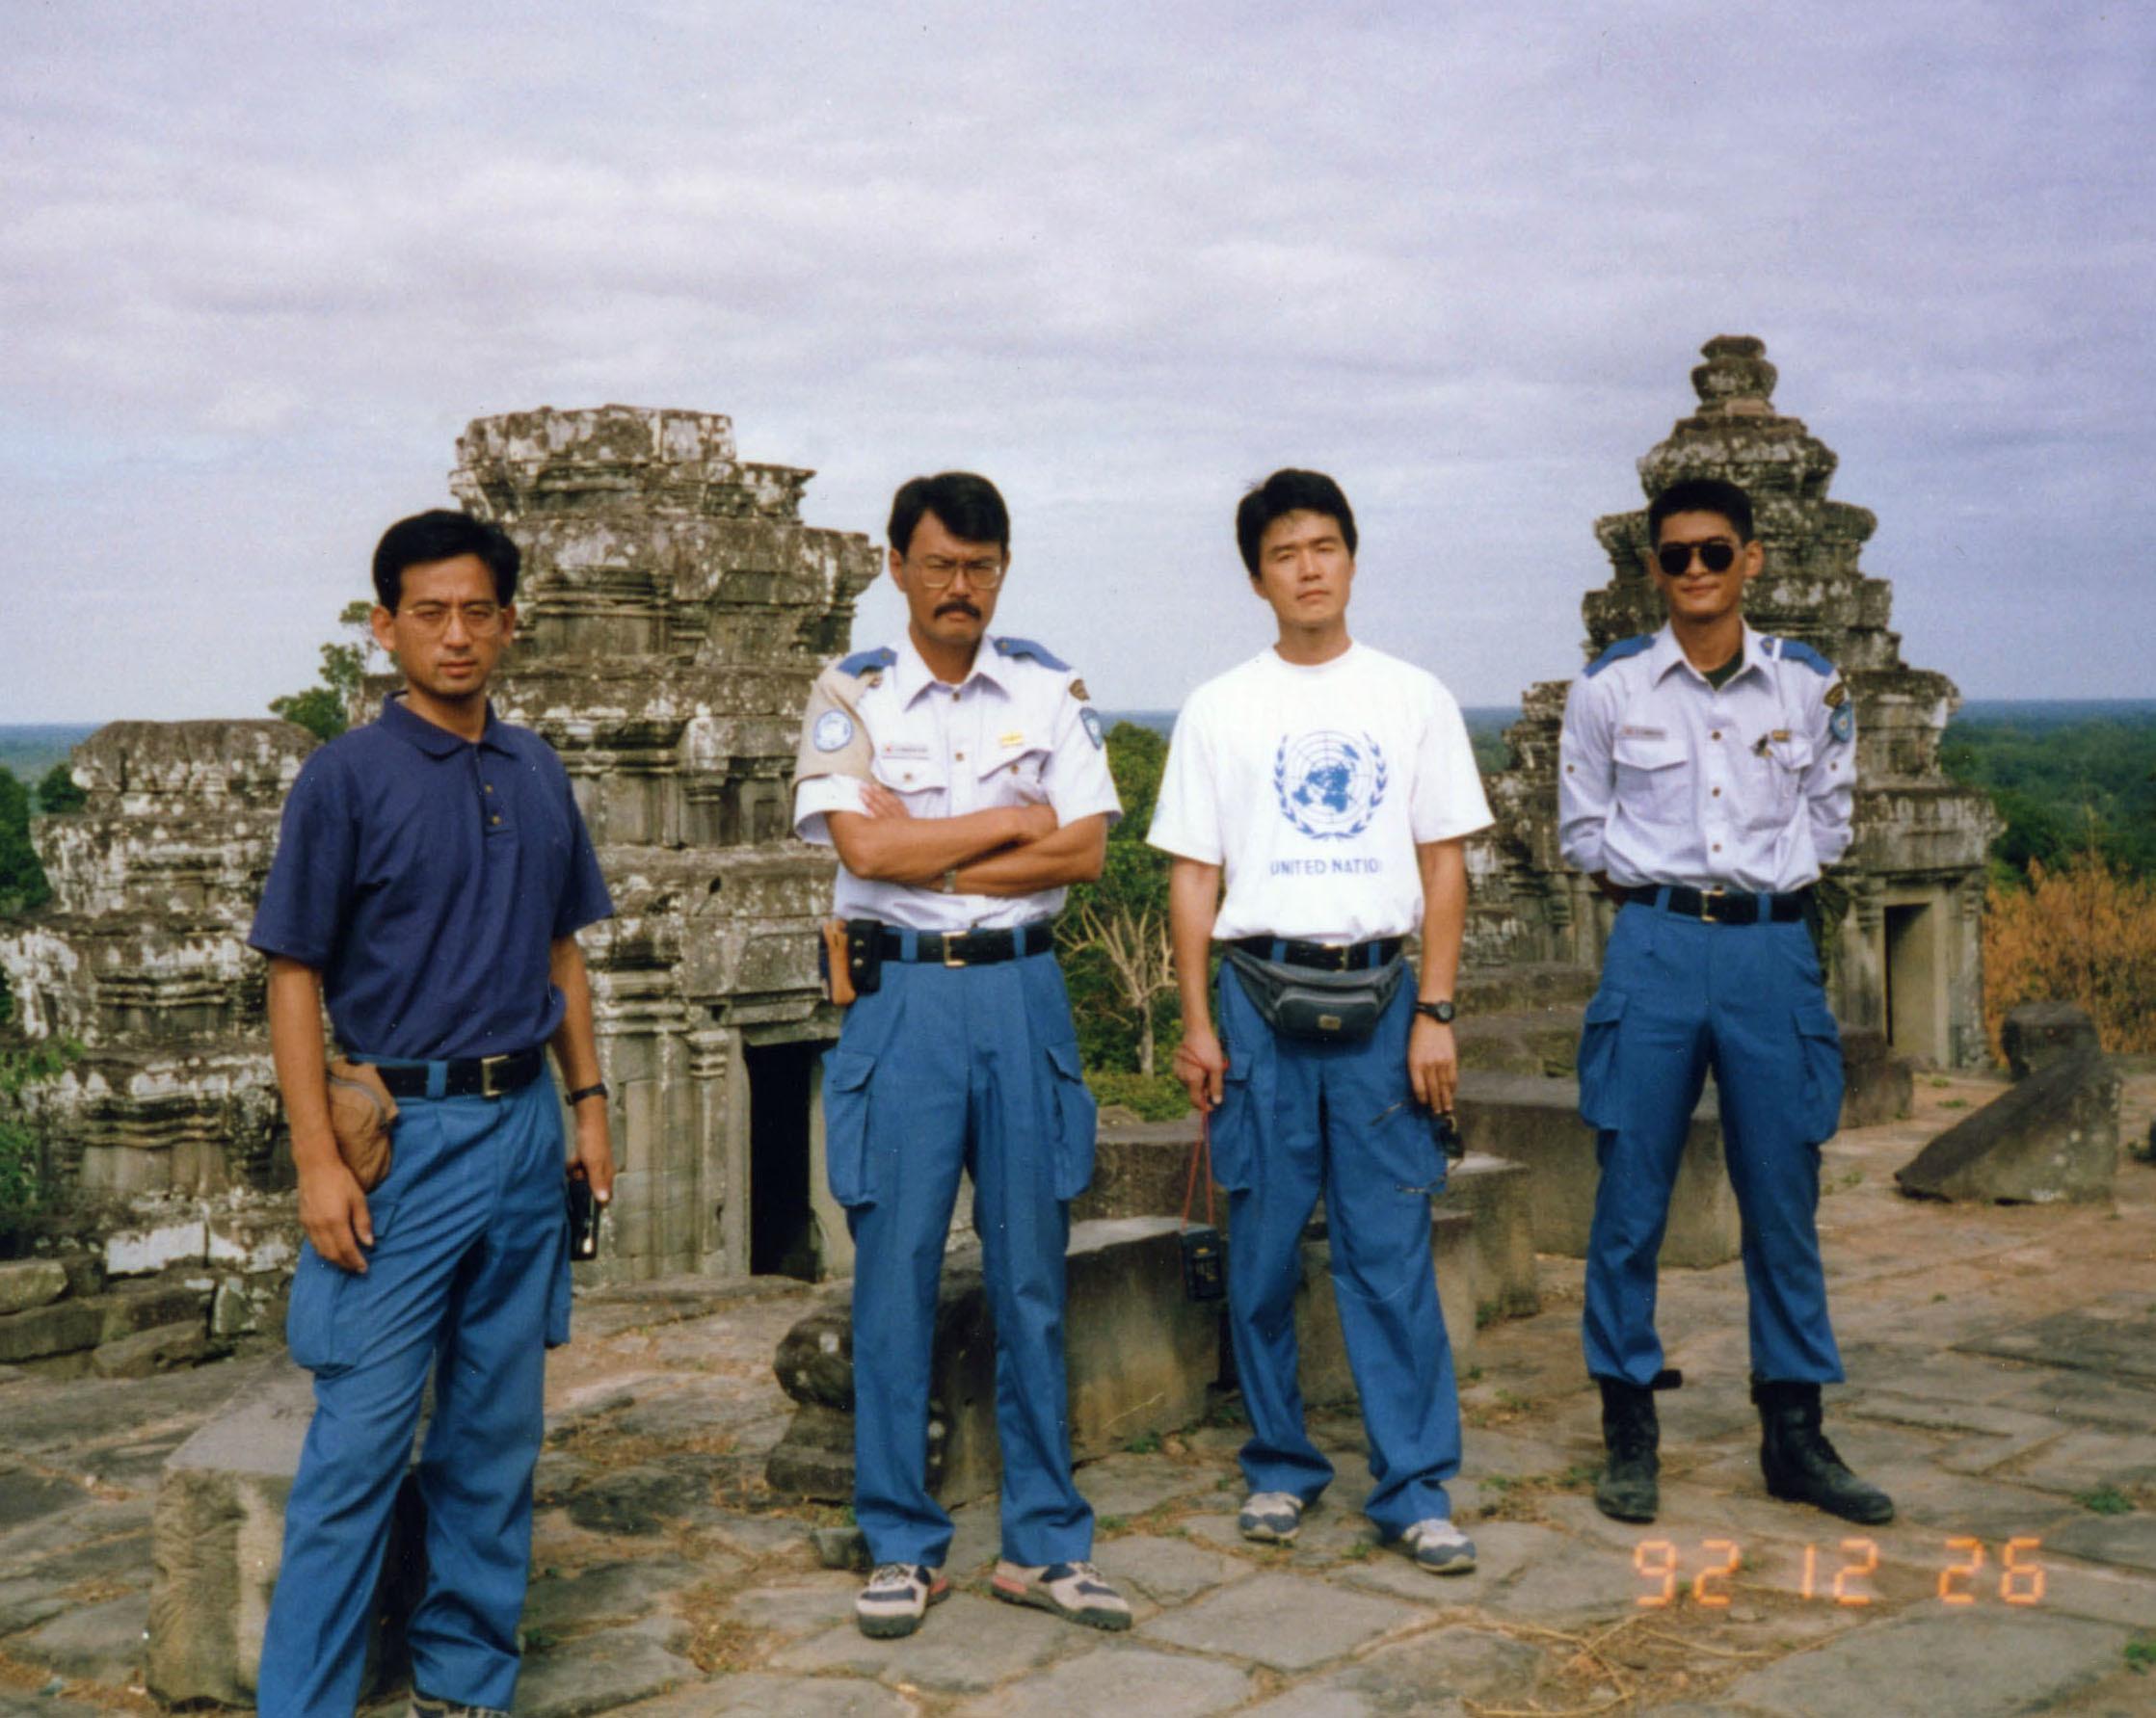 カンボジア・アンコールワットを休暇で訪れた平林新一(中央左)と高田晴行(同右)=1992年12月26日(敬称略)